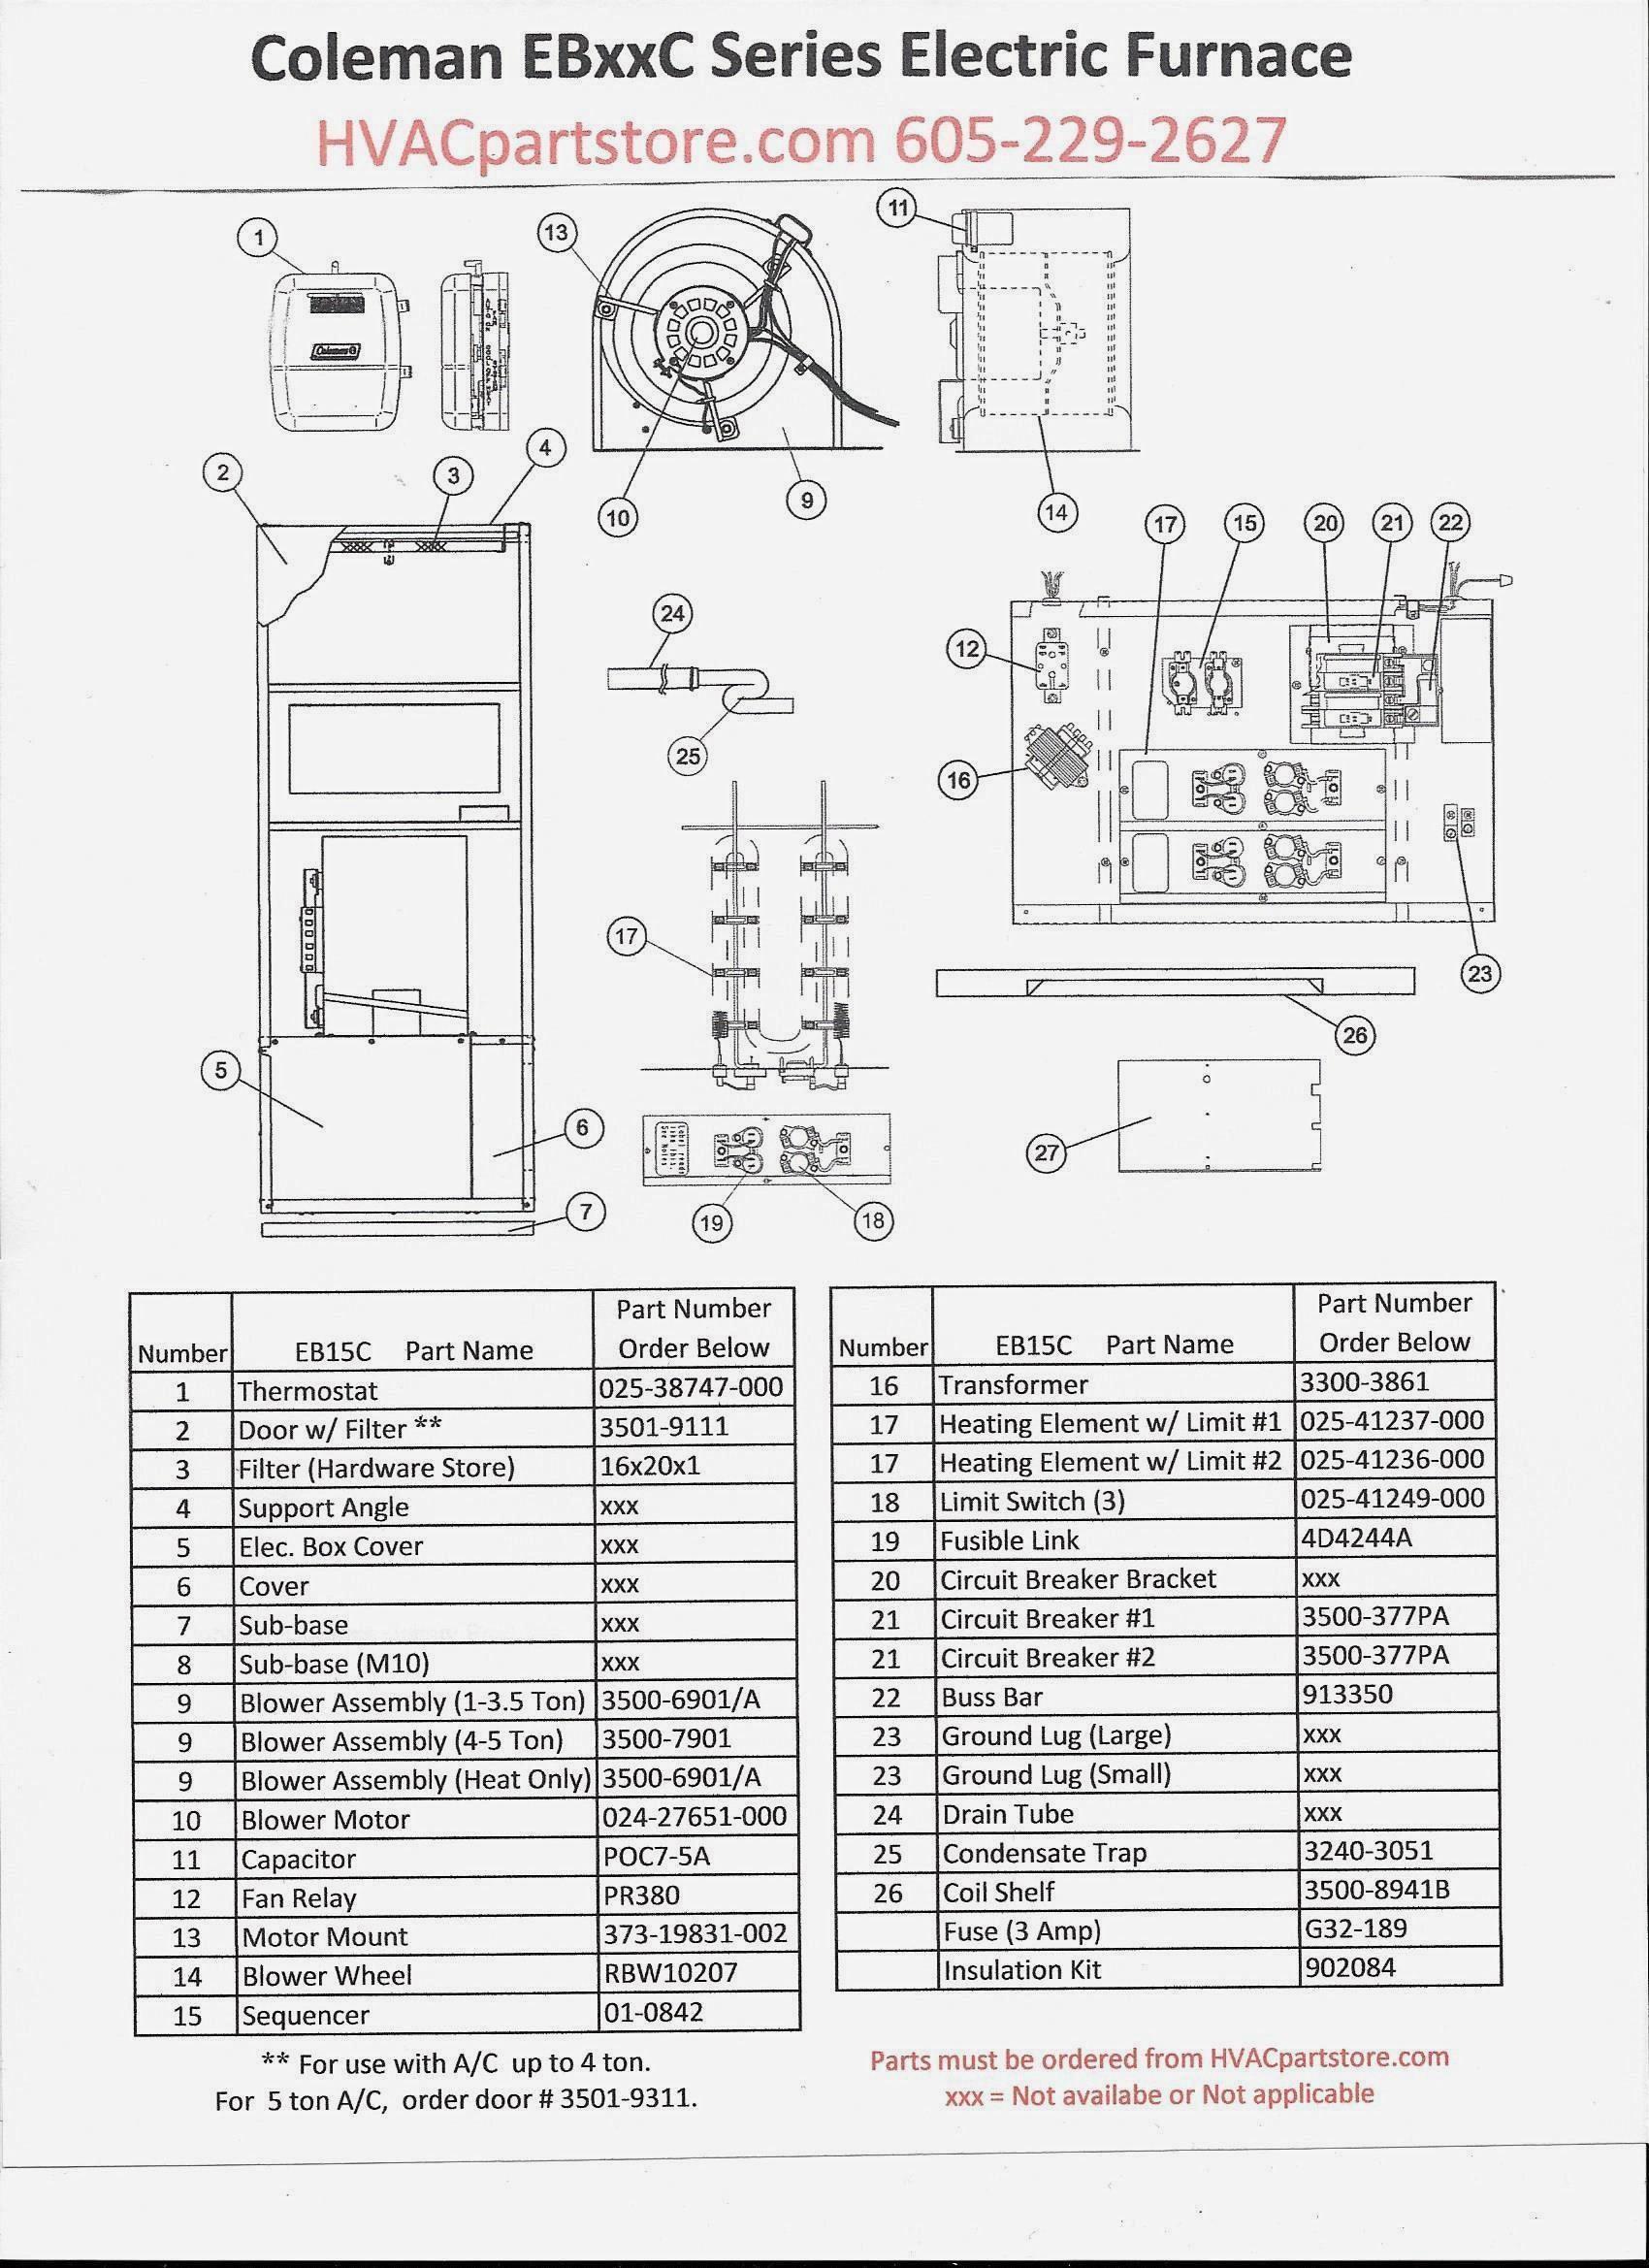 Weathertron Baystat 240 Wiring Diagram - Wiring Diagram Work on